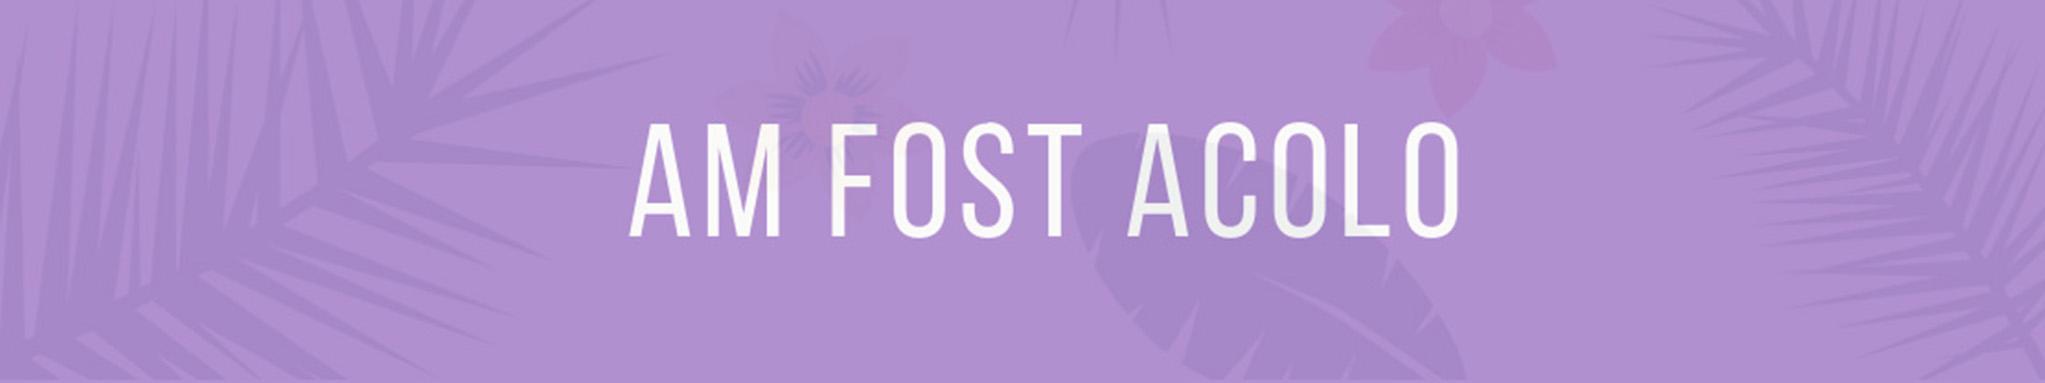 AmFostAcolo banner